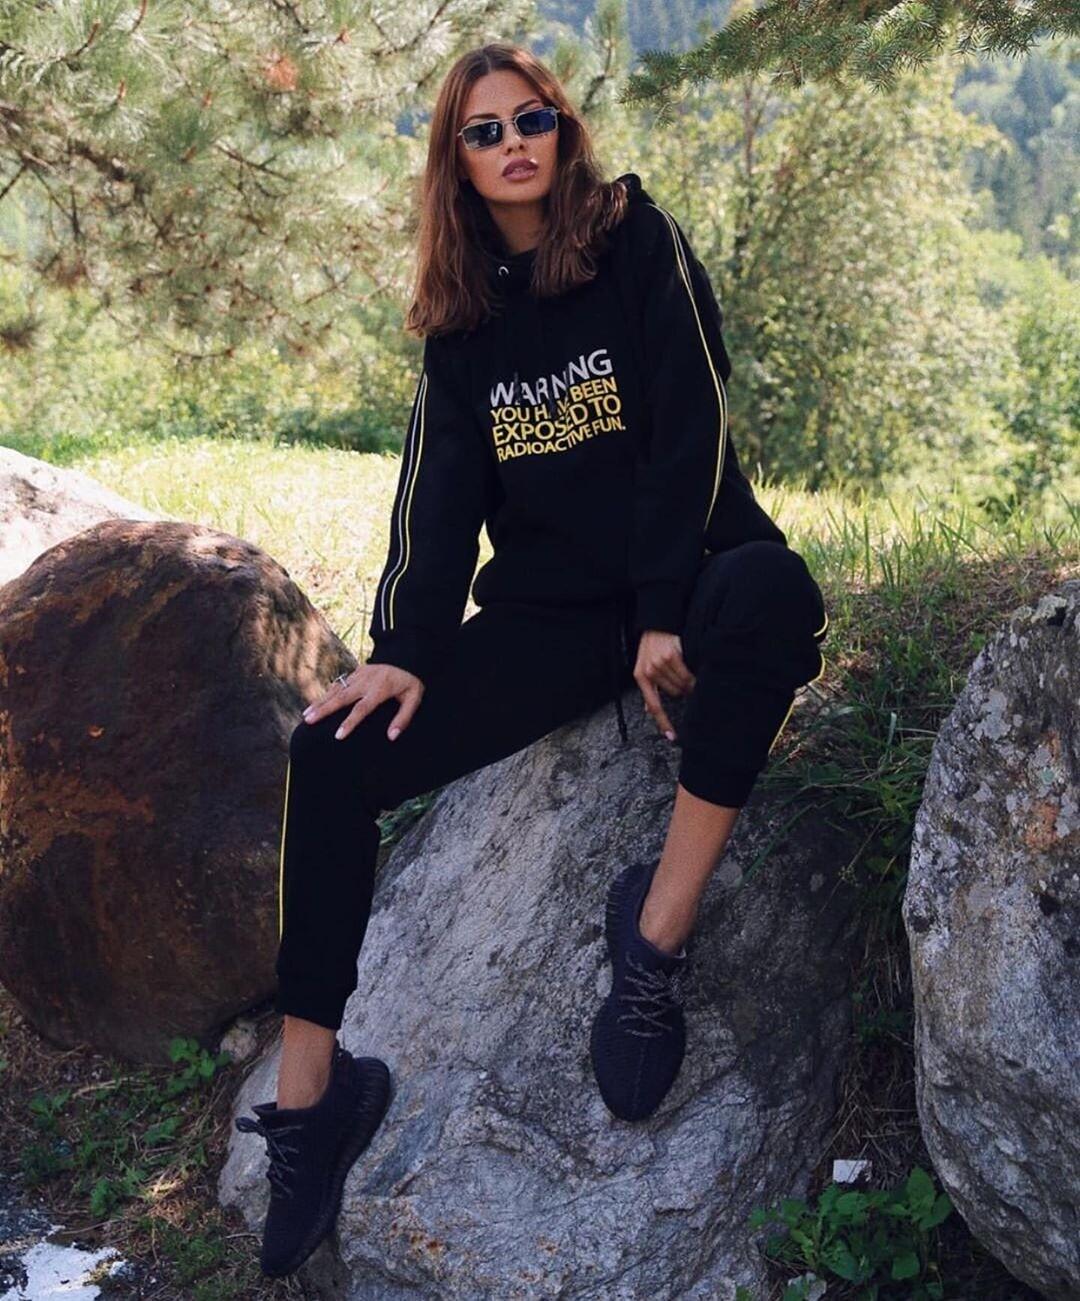 Виктория Боня призналась, что после родов перестала чувствовать запахи (видео)